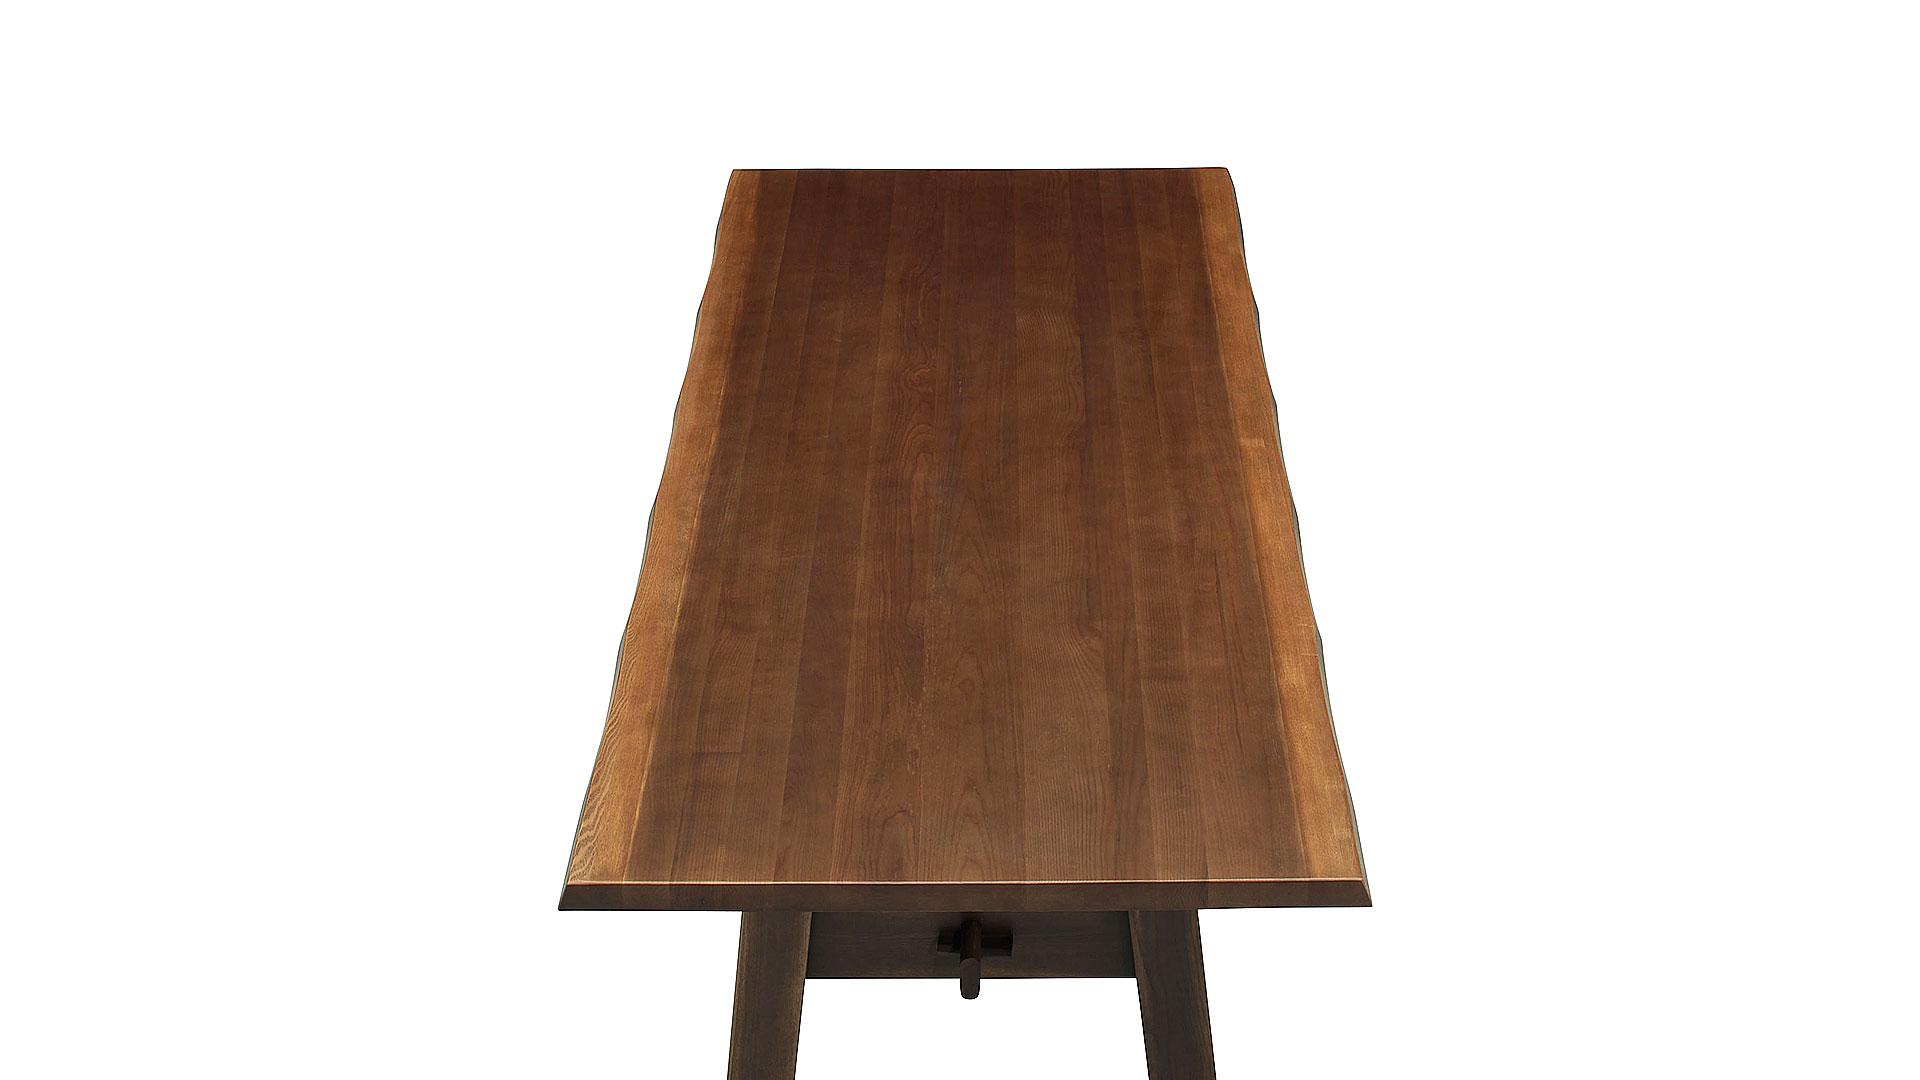 リビンズのダイニングセット「水蓮」のアンティークの200cmのテーブルの画像